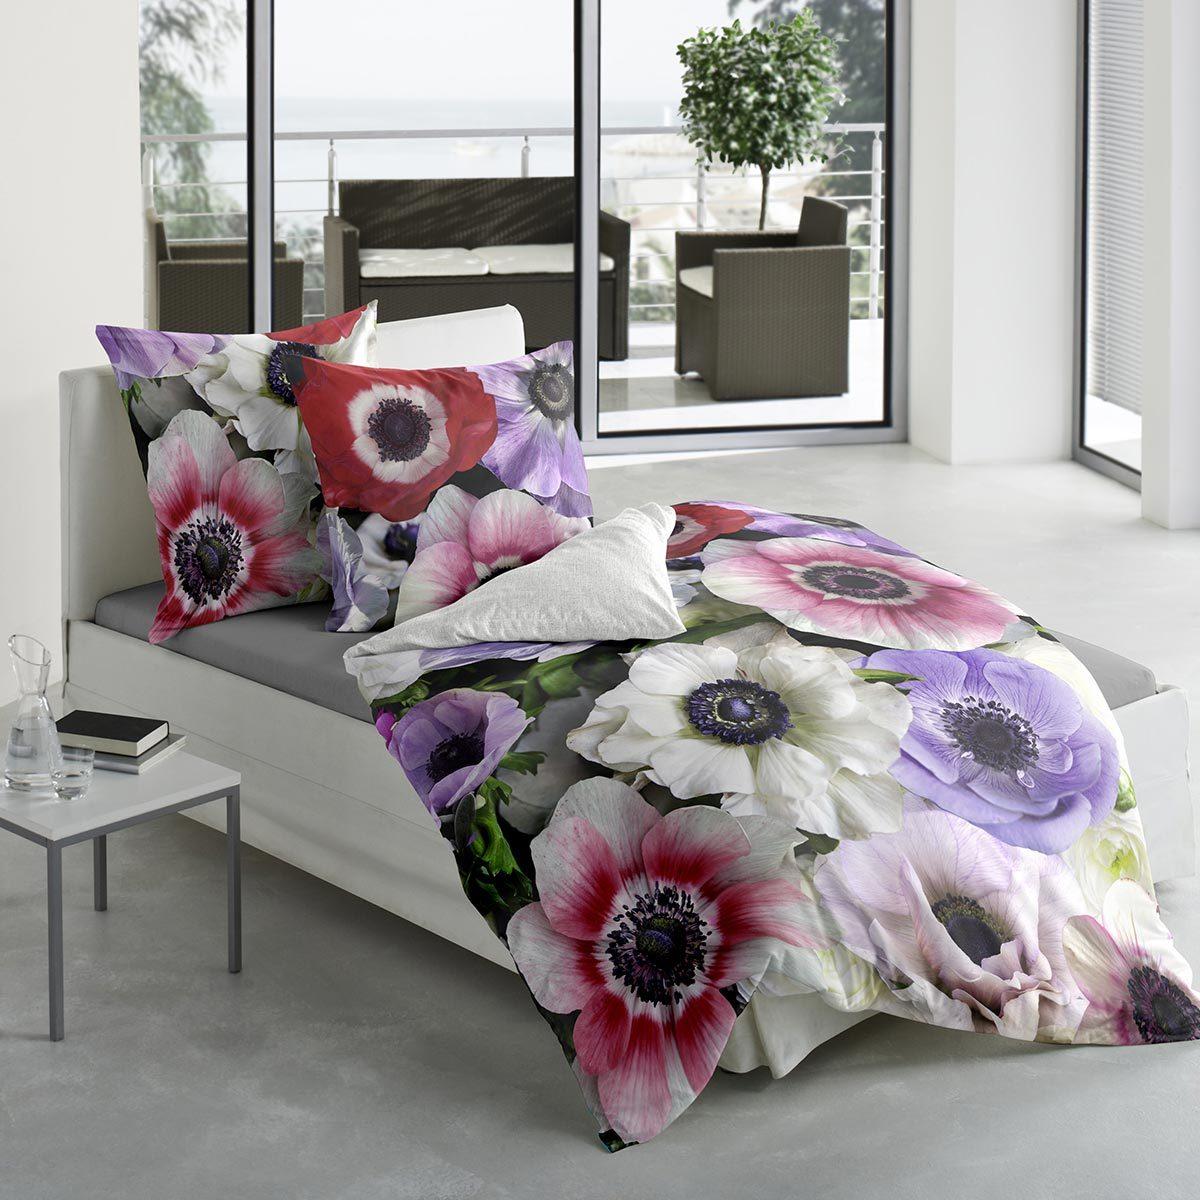 Mohn Bettwäsche Garnituren Online Kaufen Möbel Suchmaschine